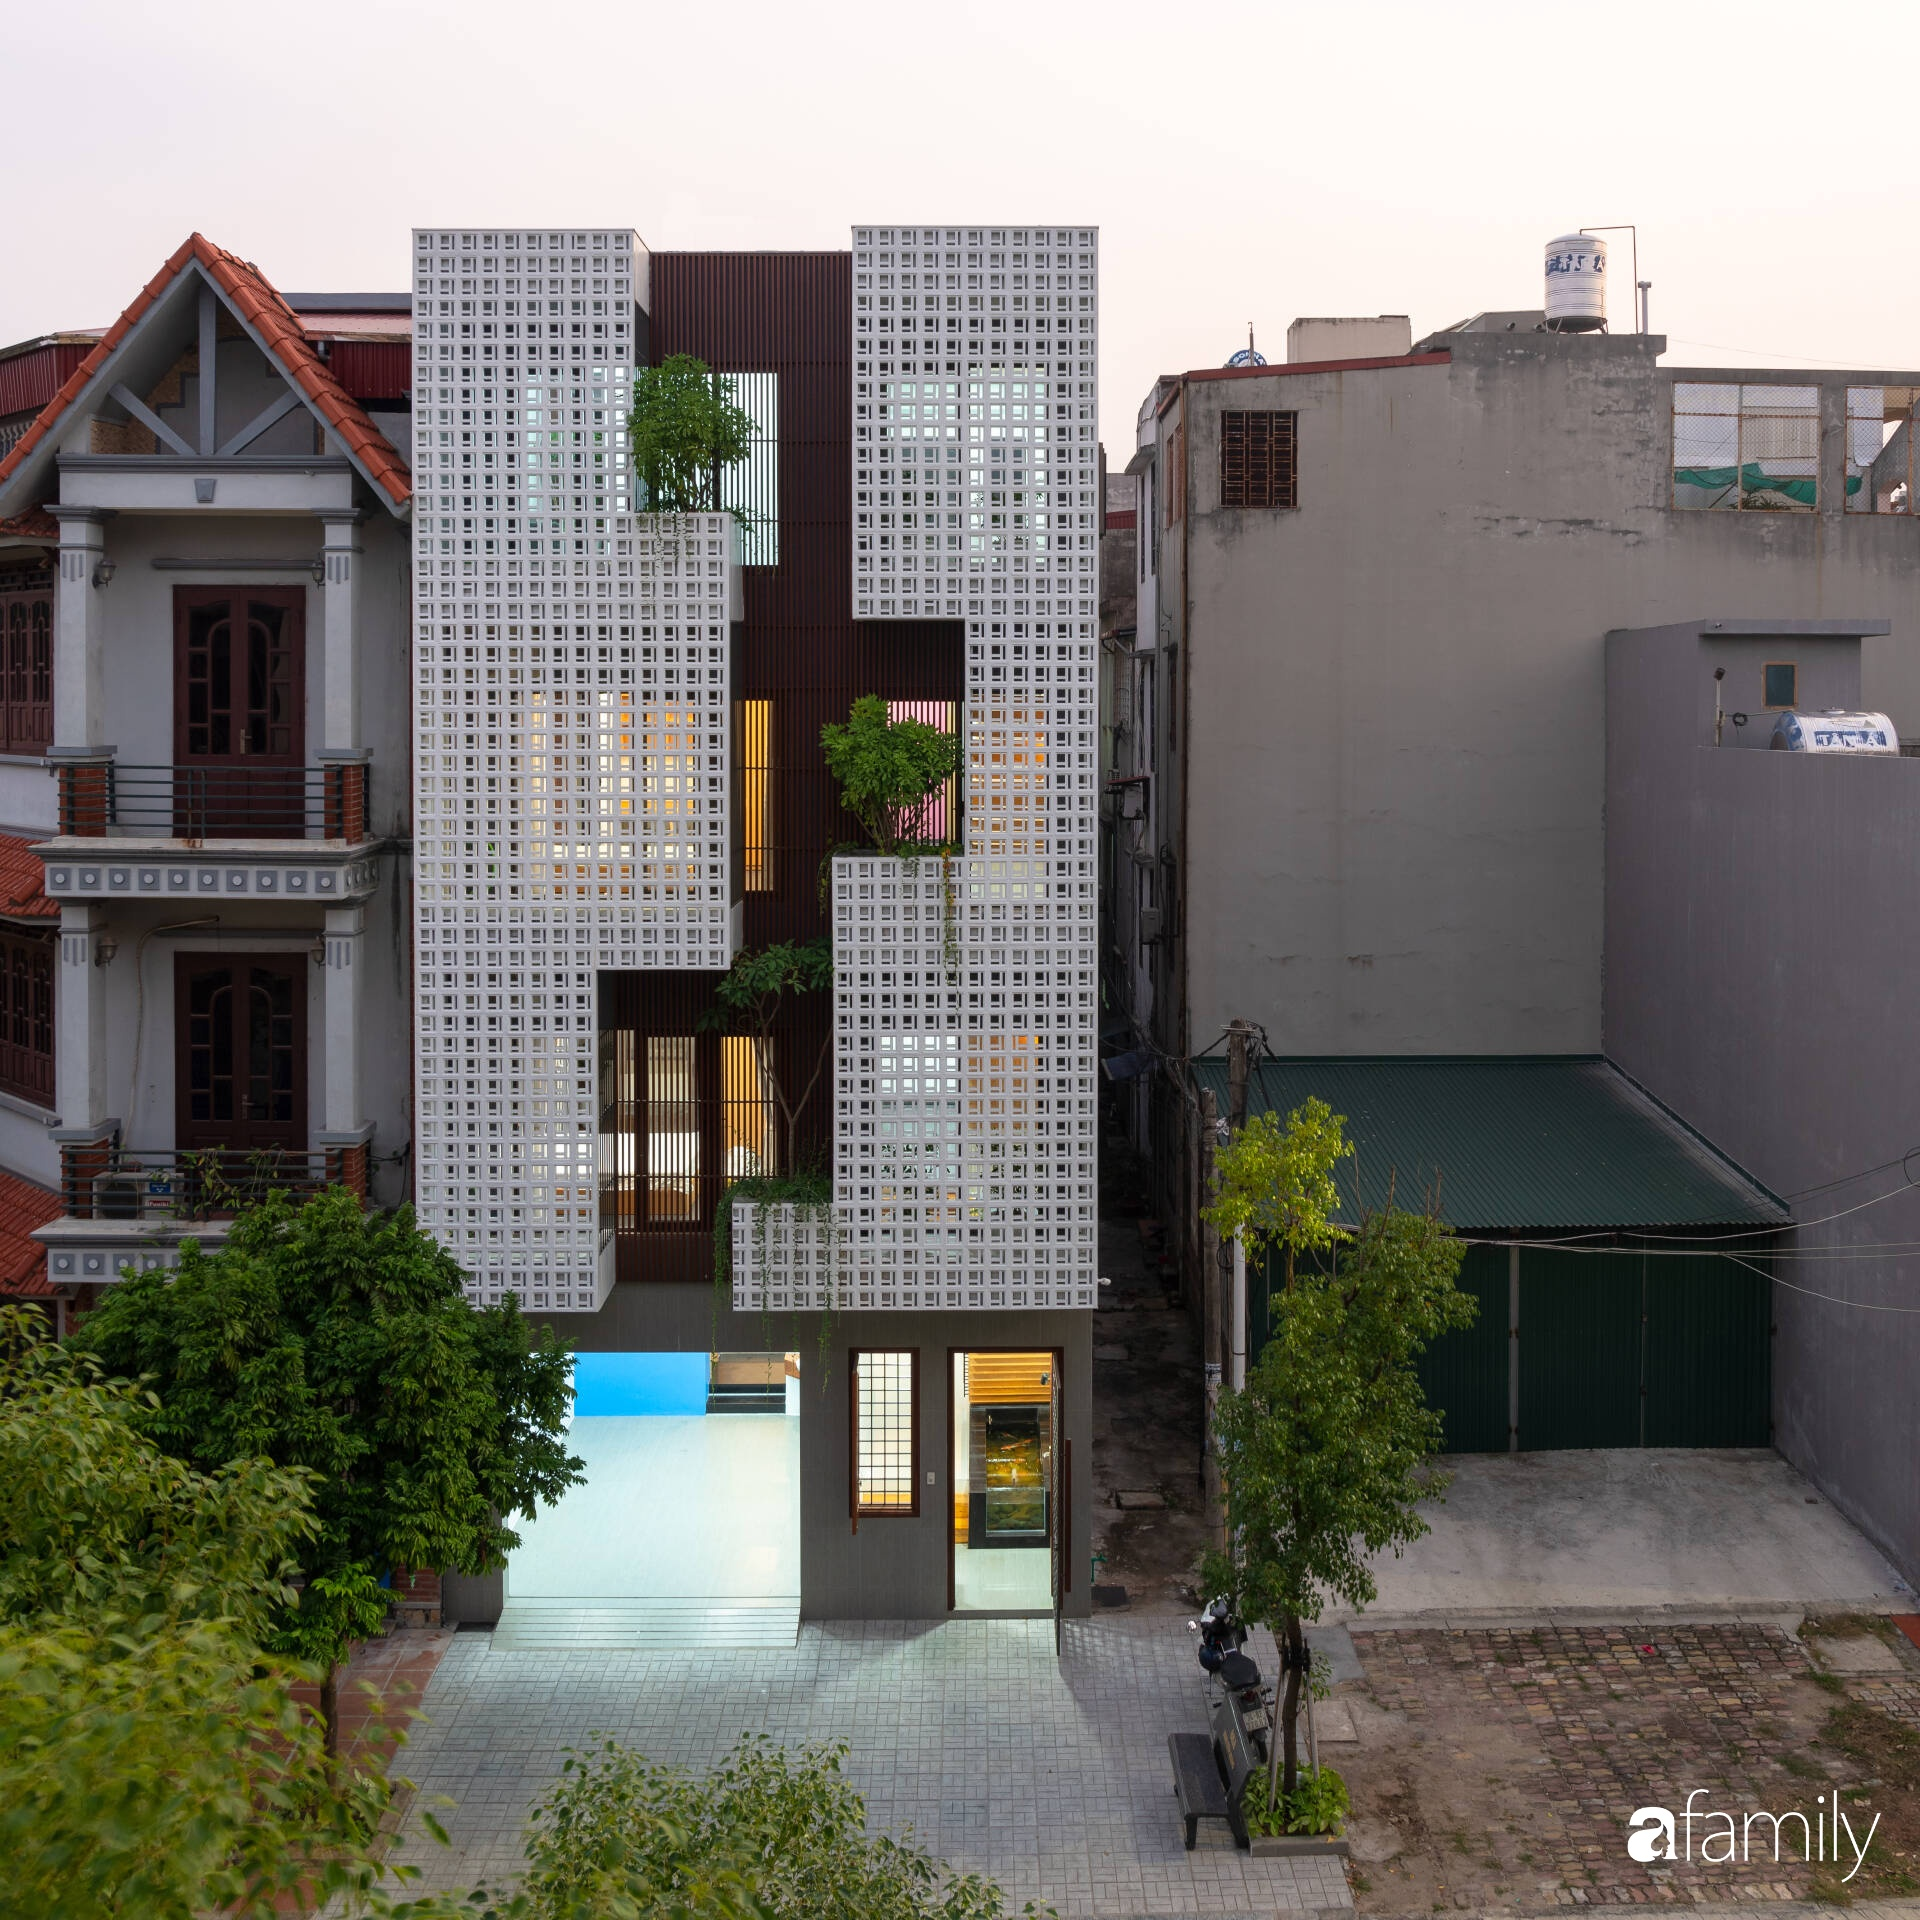 Ngôi nhà phố lấy cảm hứng từ thác nước mang đến cuộc sống an lành, thư thái cho gia đình 3 thế hệ ở Hải Dương - Ảnh 1.